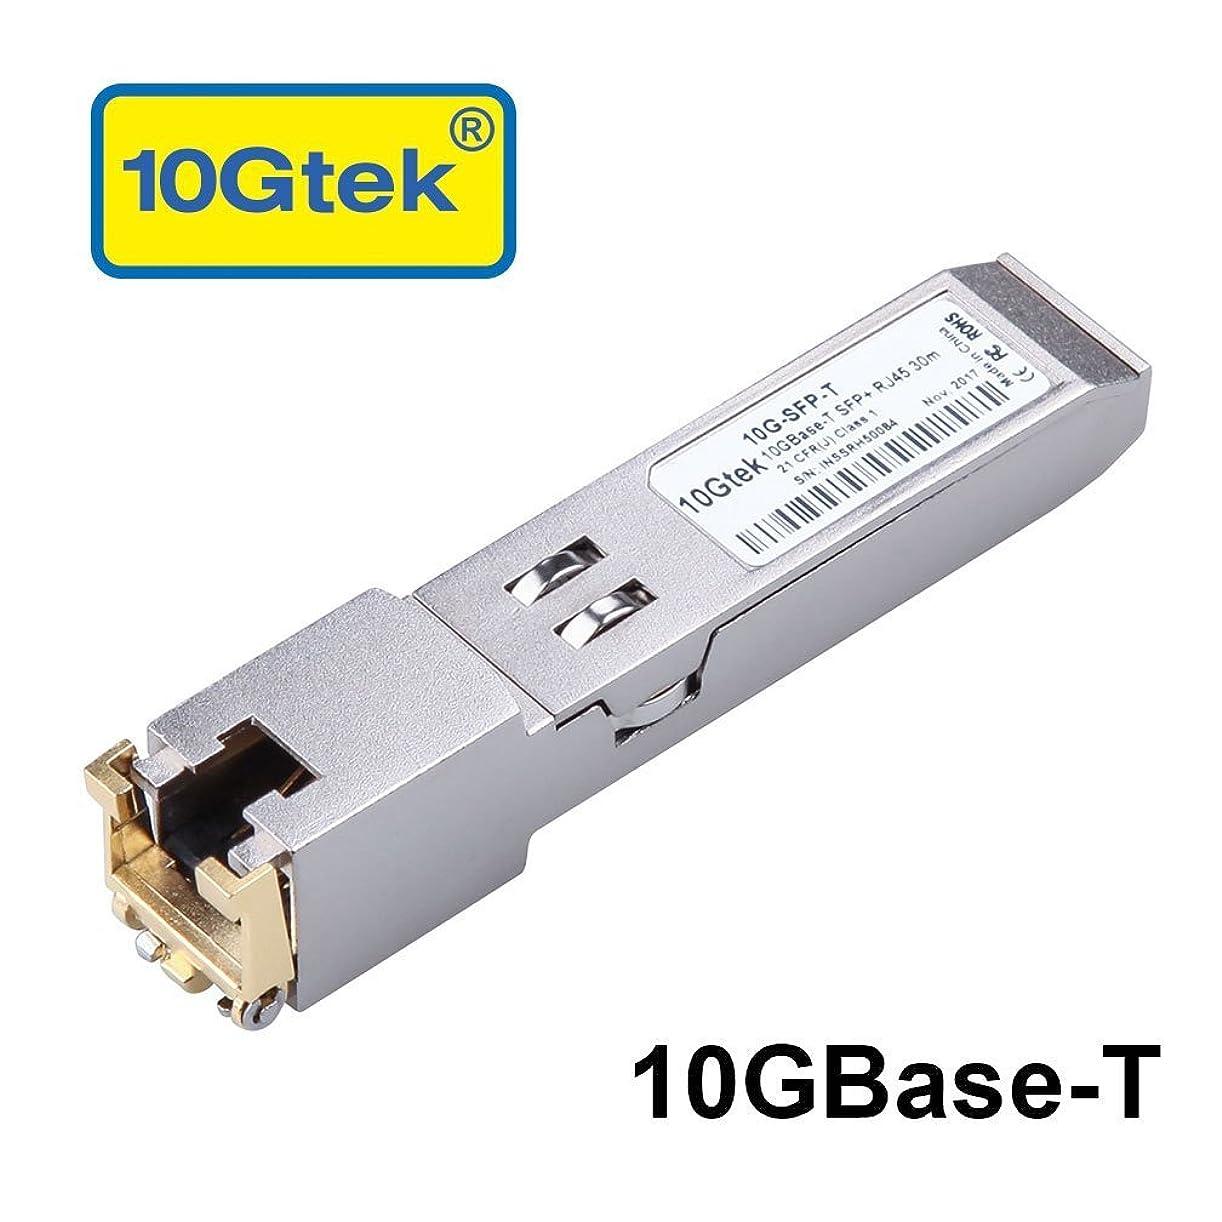 薬理学生きている強制10GBase-T SFP+モジュール,Netgear互換, RJ45コネクタ 10Gb/s 30m【3年保証】